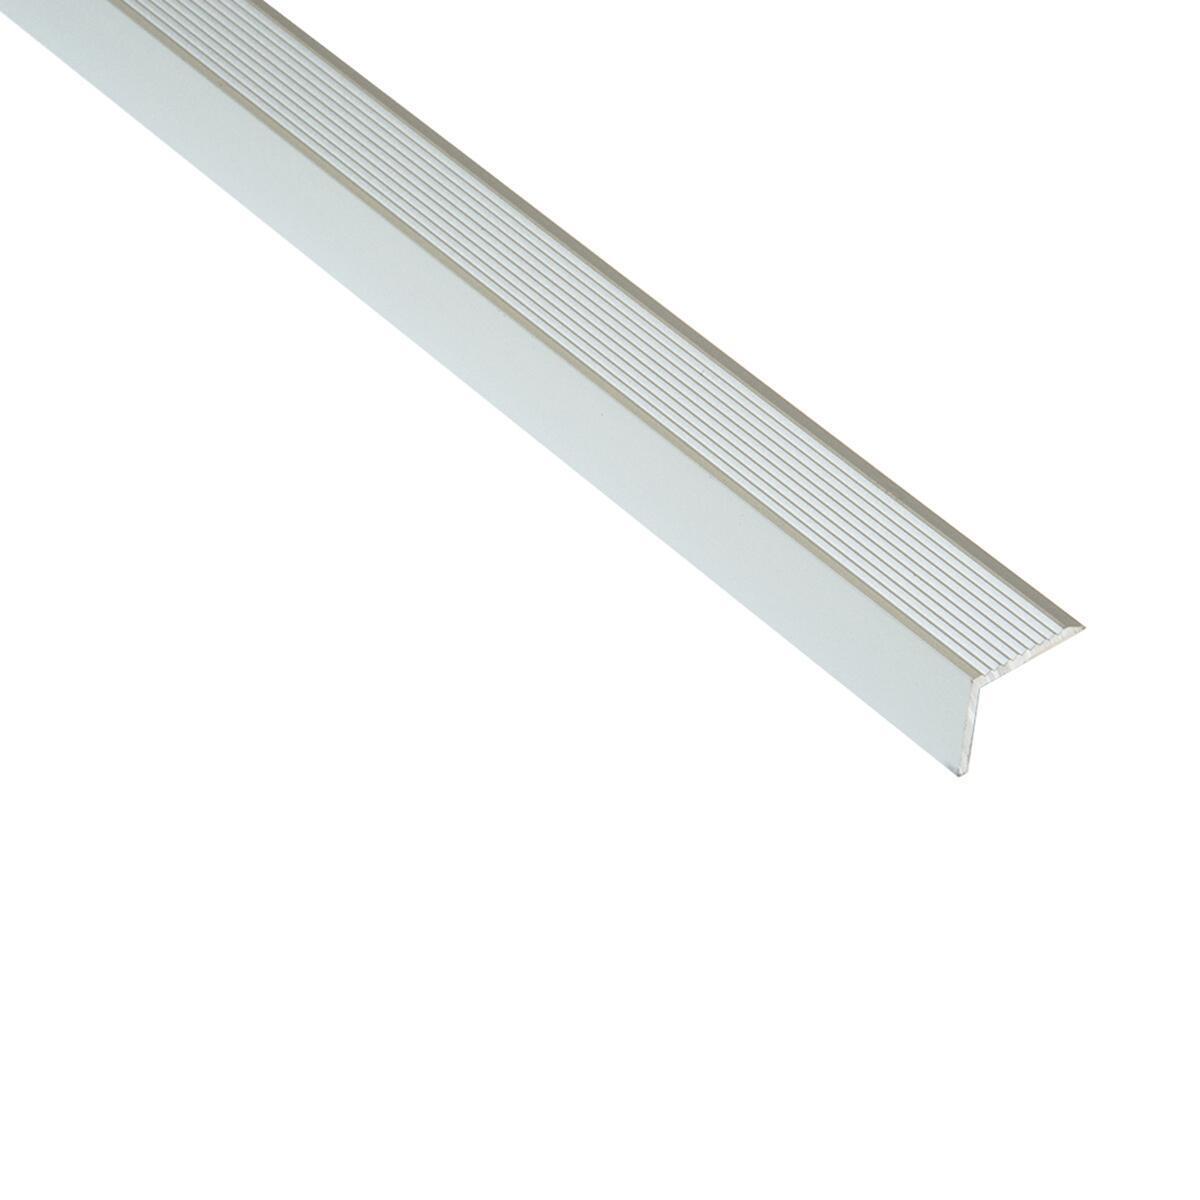 Profilo in alluminio Prowalk All Sp 22 mm L 270 cm grigio